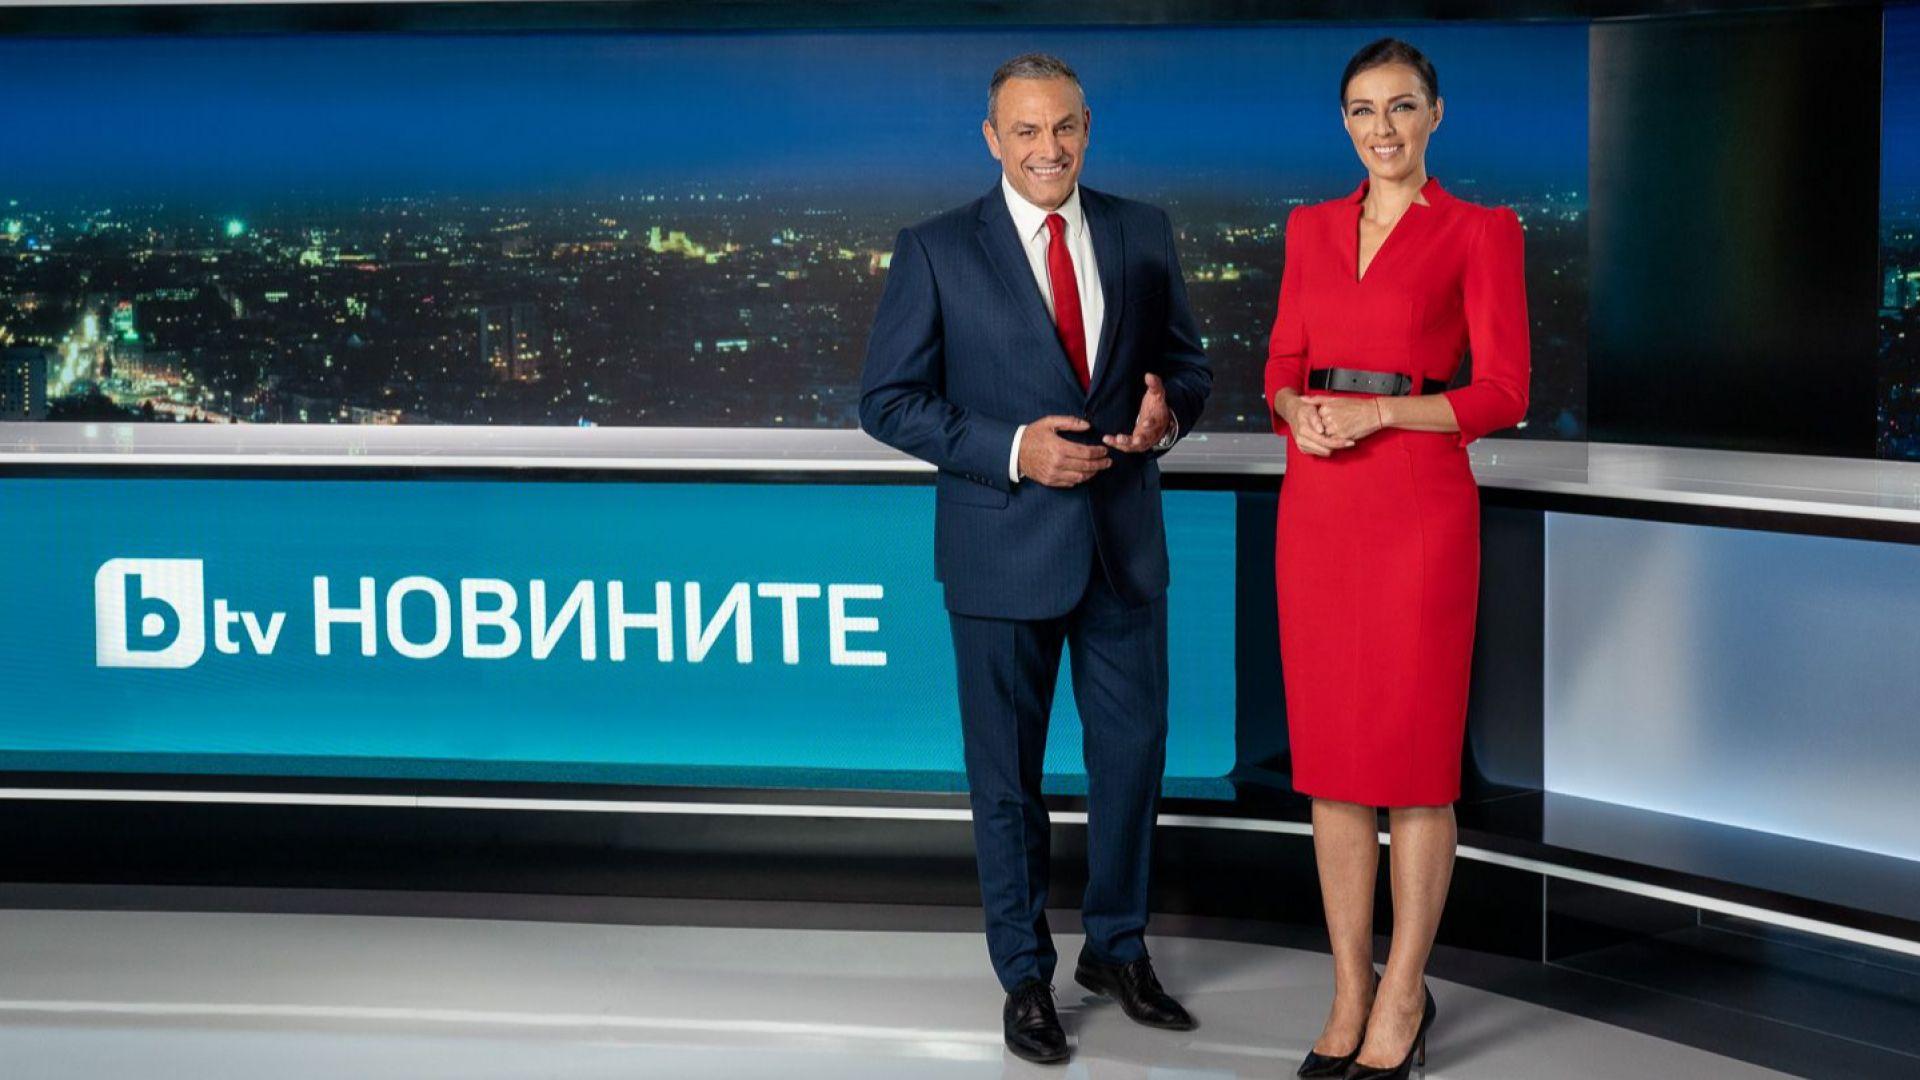 В очакване на пролетния сезон на bTV: Гледаме новини, сериали и новото вечерно шоу